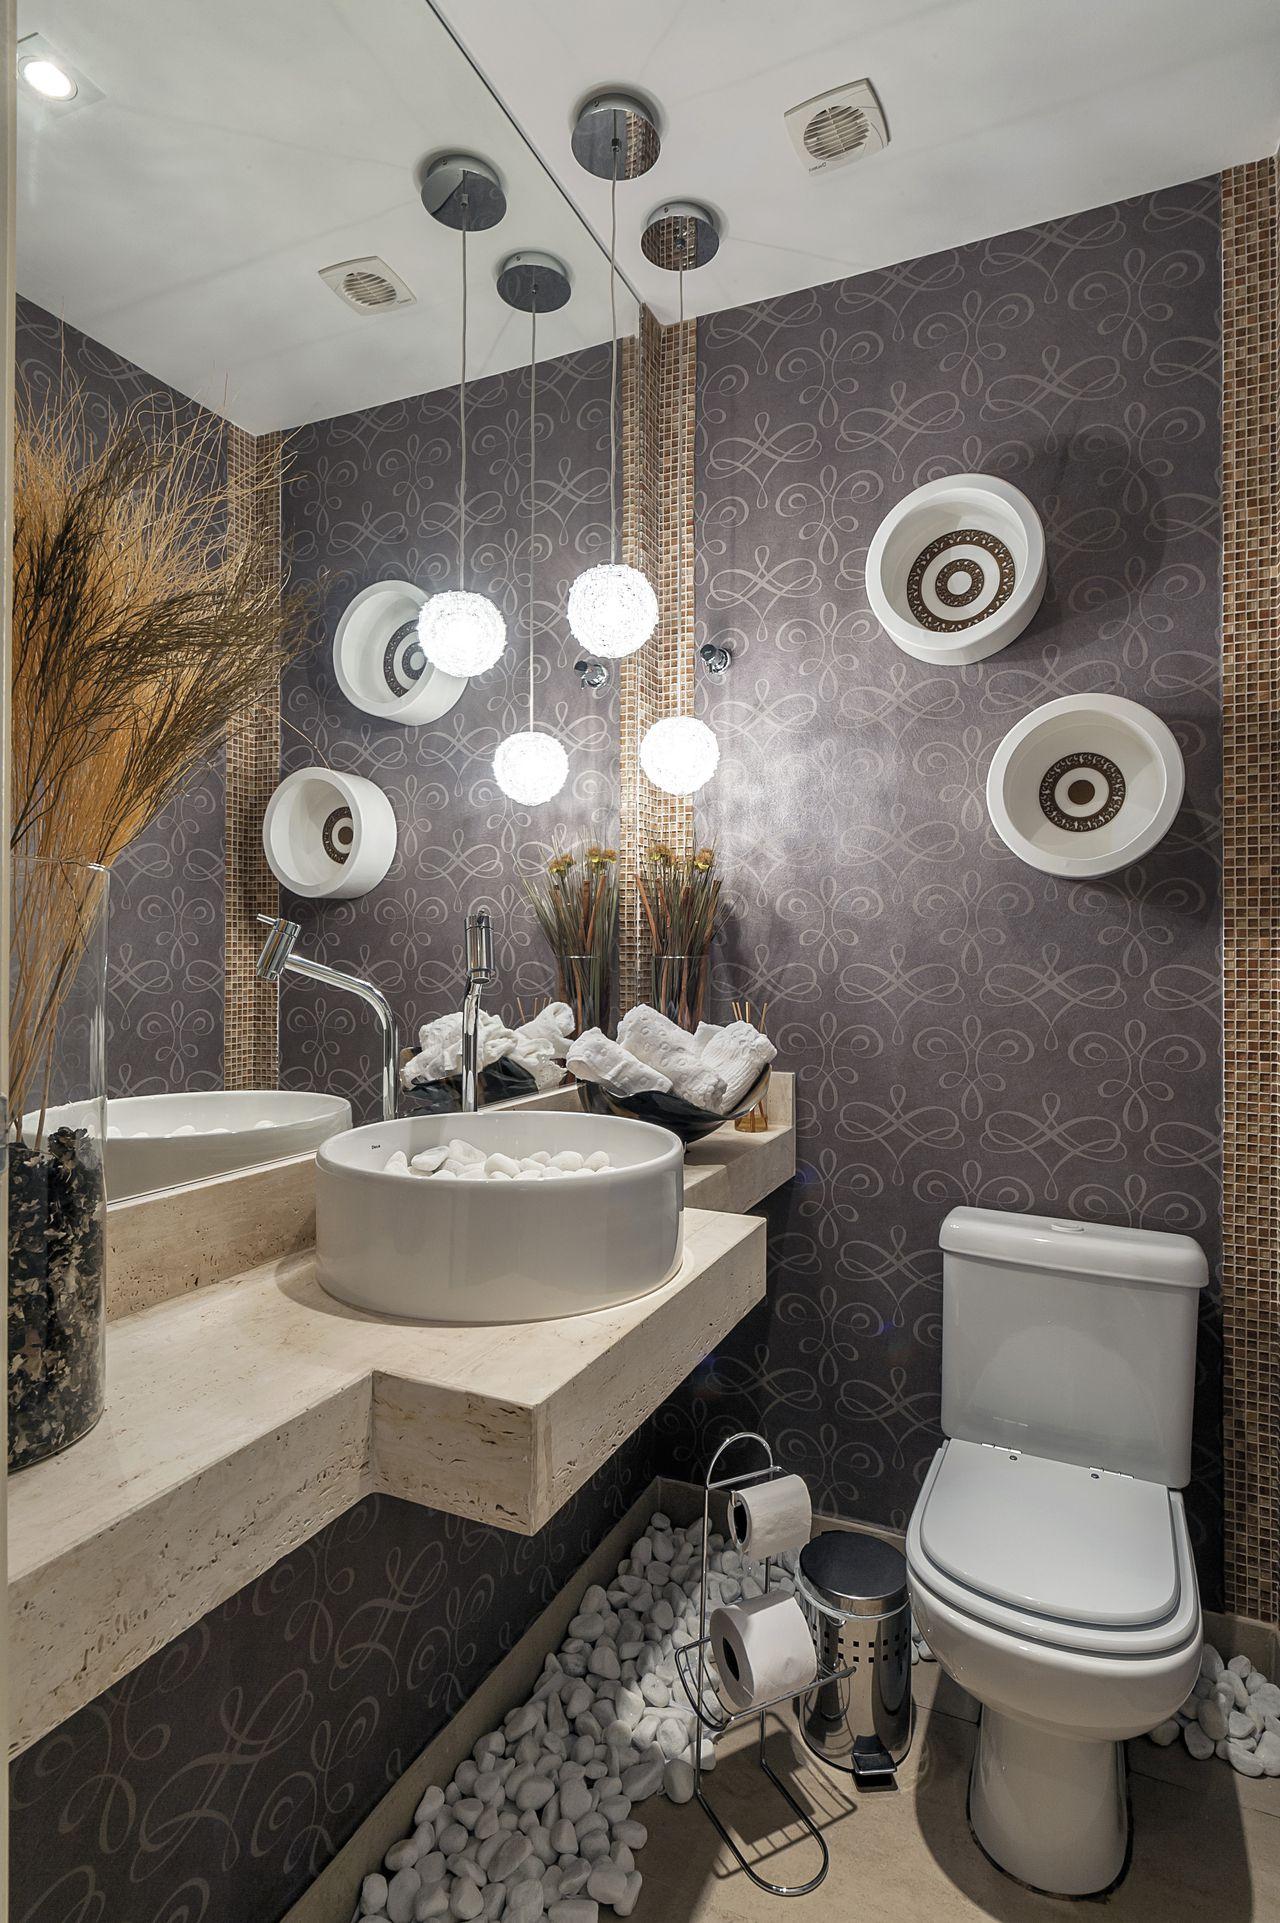 Tipos de cuba para banheiro: cuba de apoio (Projeto: Manoela Lustosa)